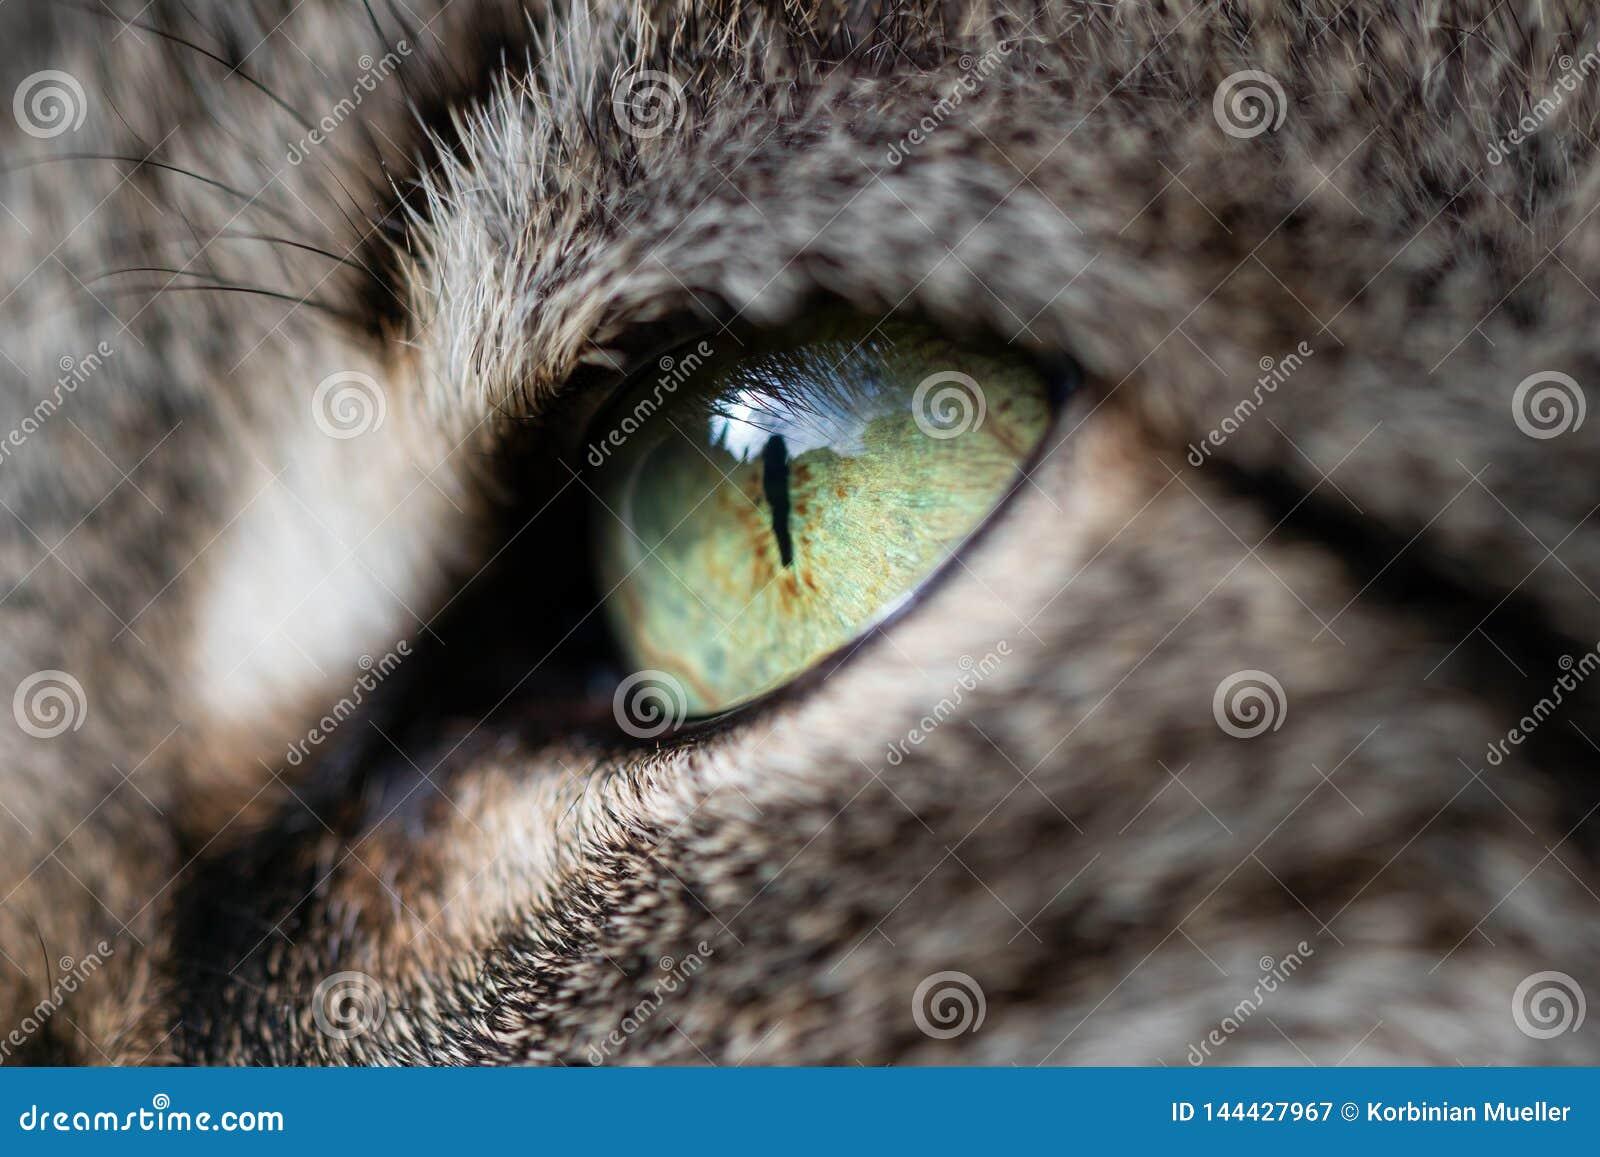 Oeil d un chat en plan rapproché